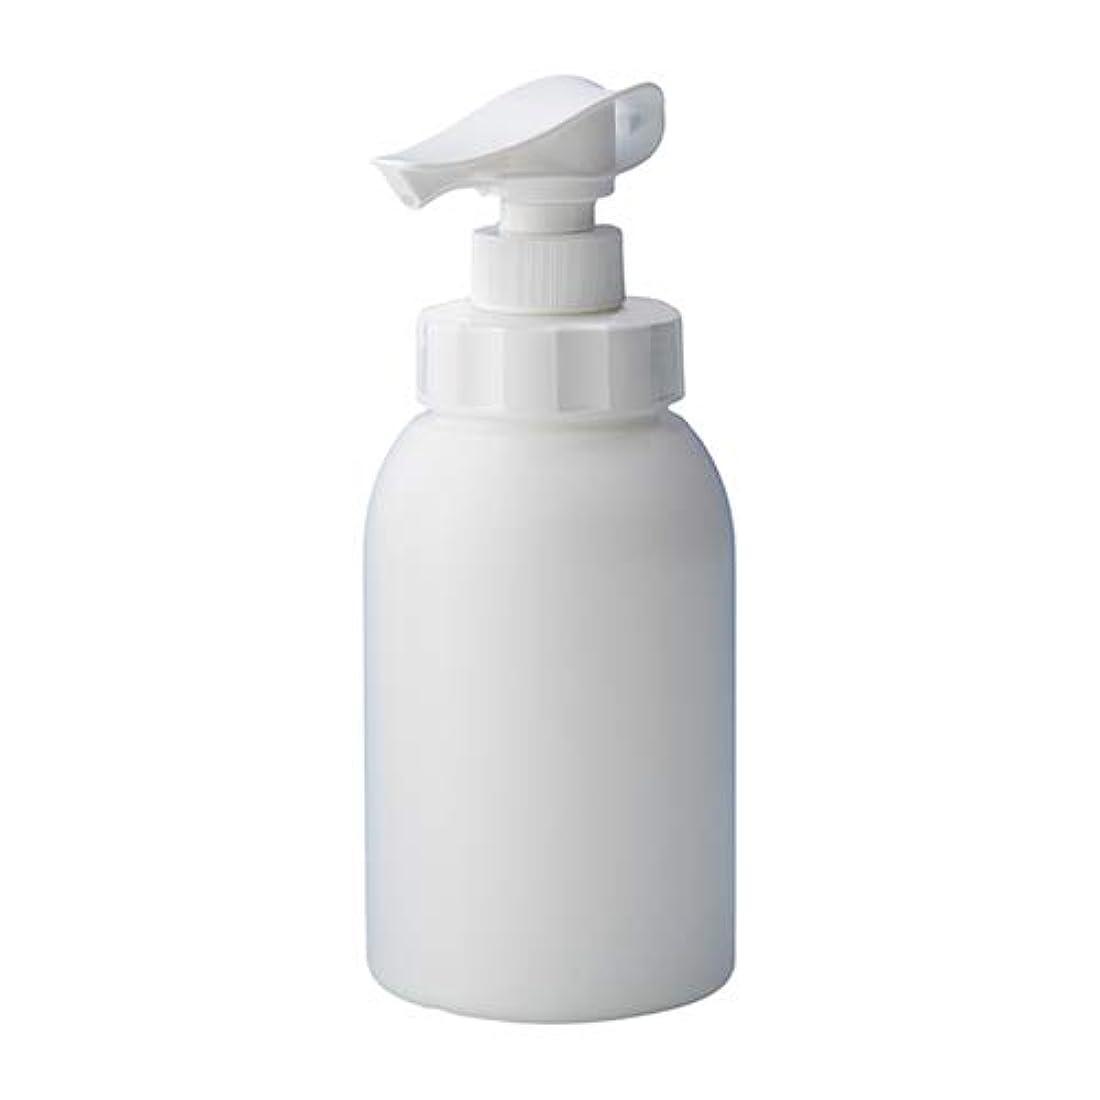 家庭教師行方不明なんでも押すだけで泡が出る 安定感のある 泡ポンプボトル ボディソープ ハンドソープ 600ml詰め替え容器 ホワイト 10個セット